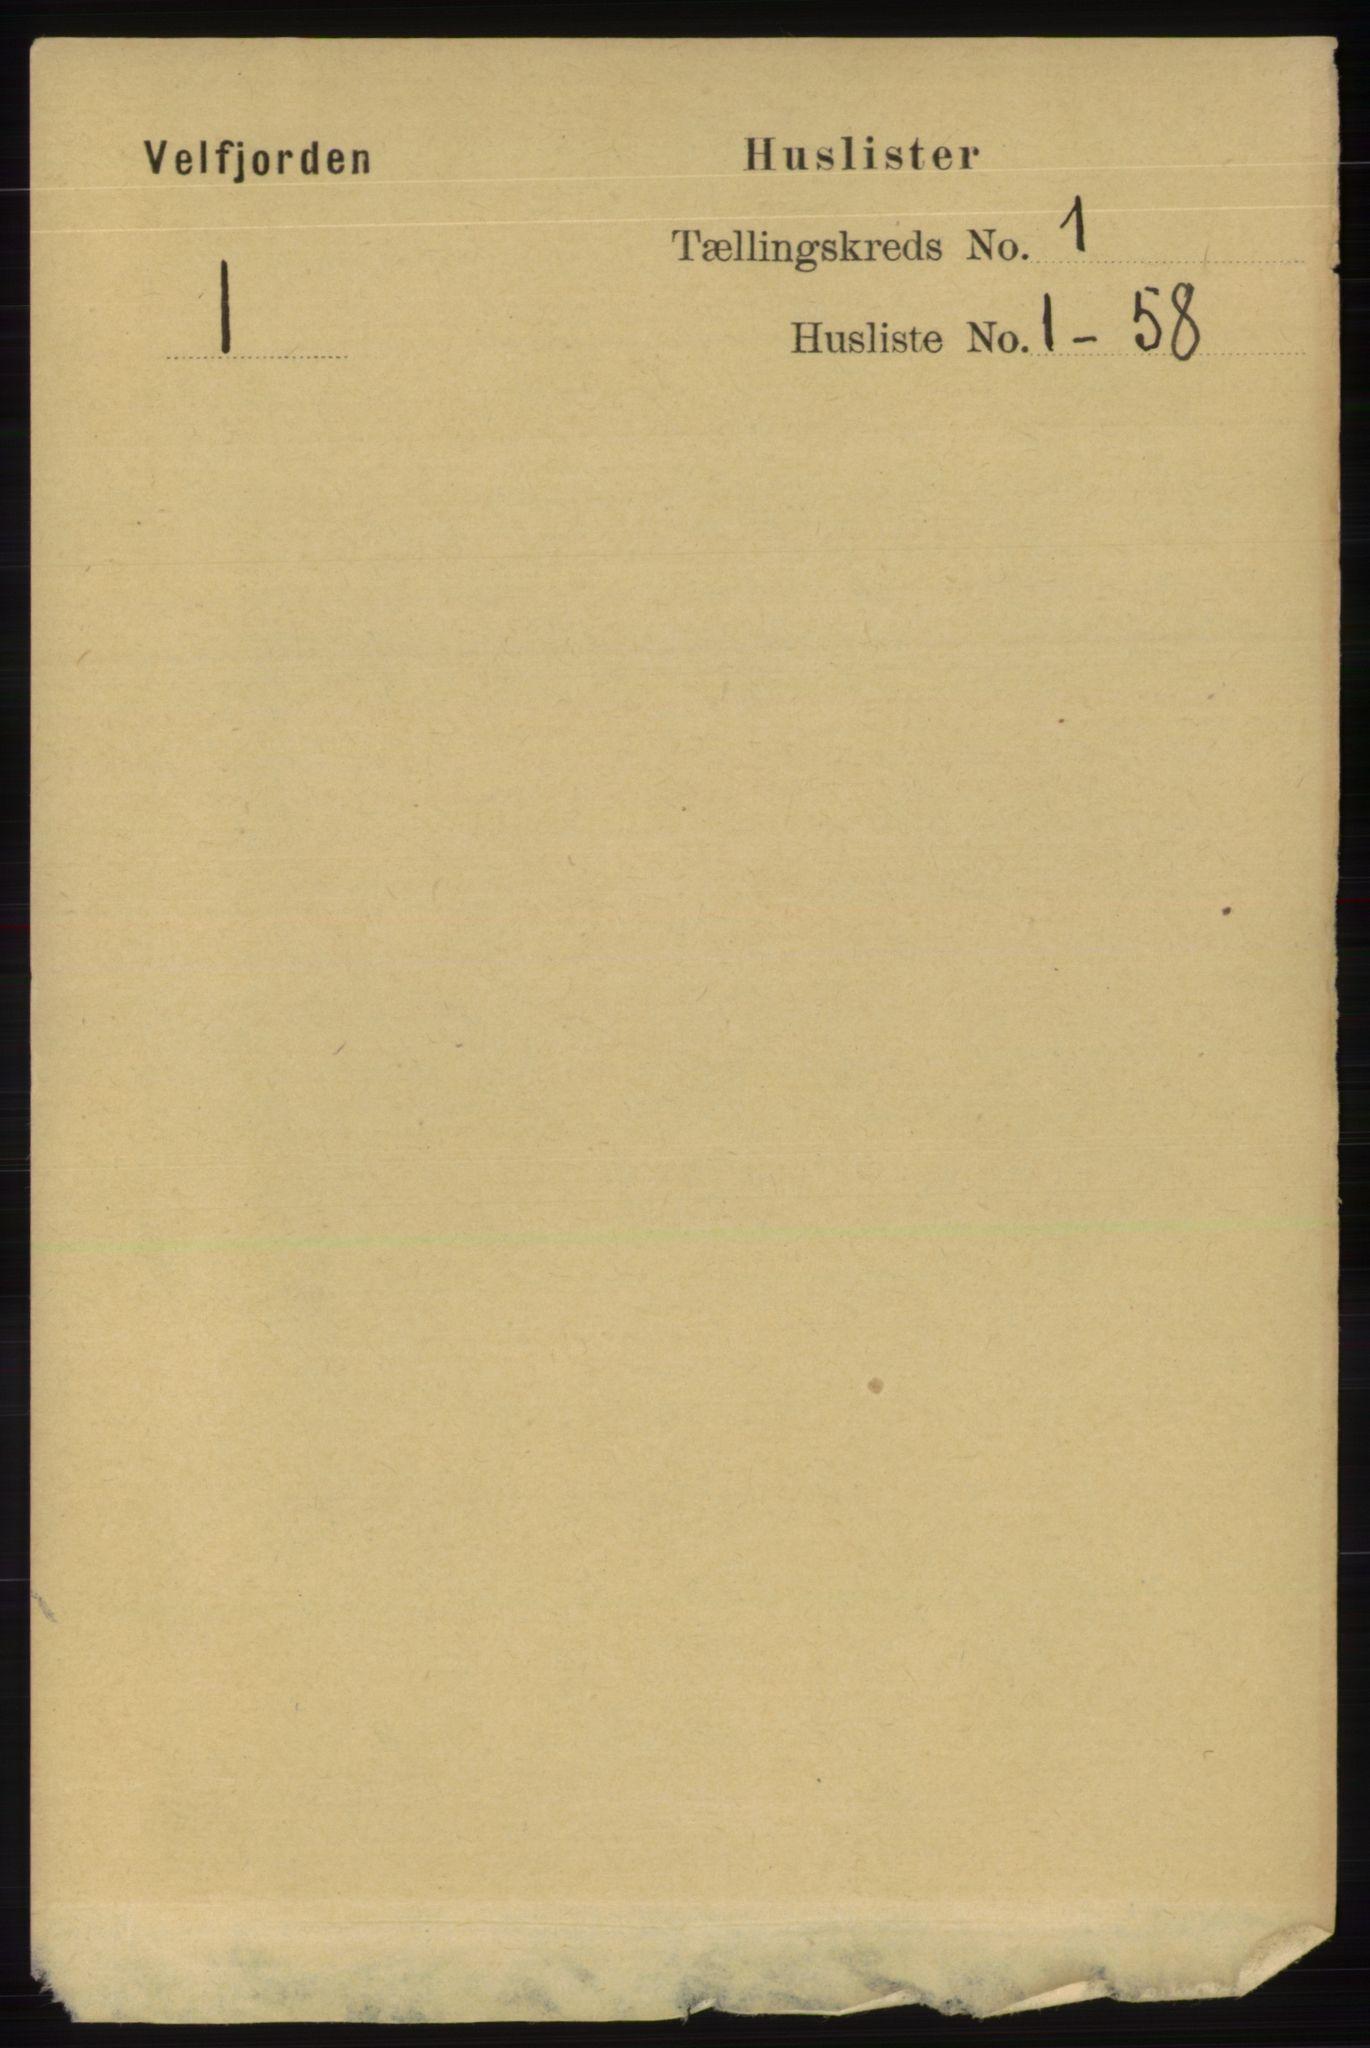 RA, Folketelling 1891 for 1813 Velfjord herred, 1891, s. 13